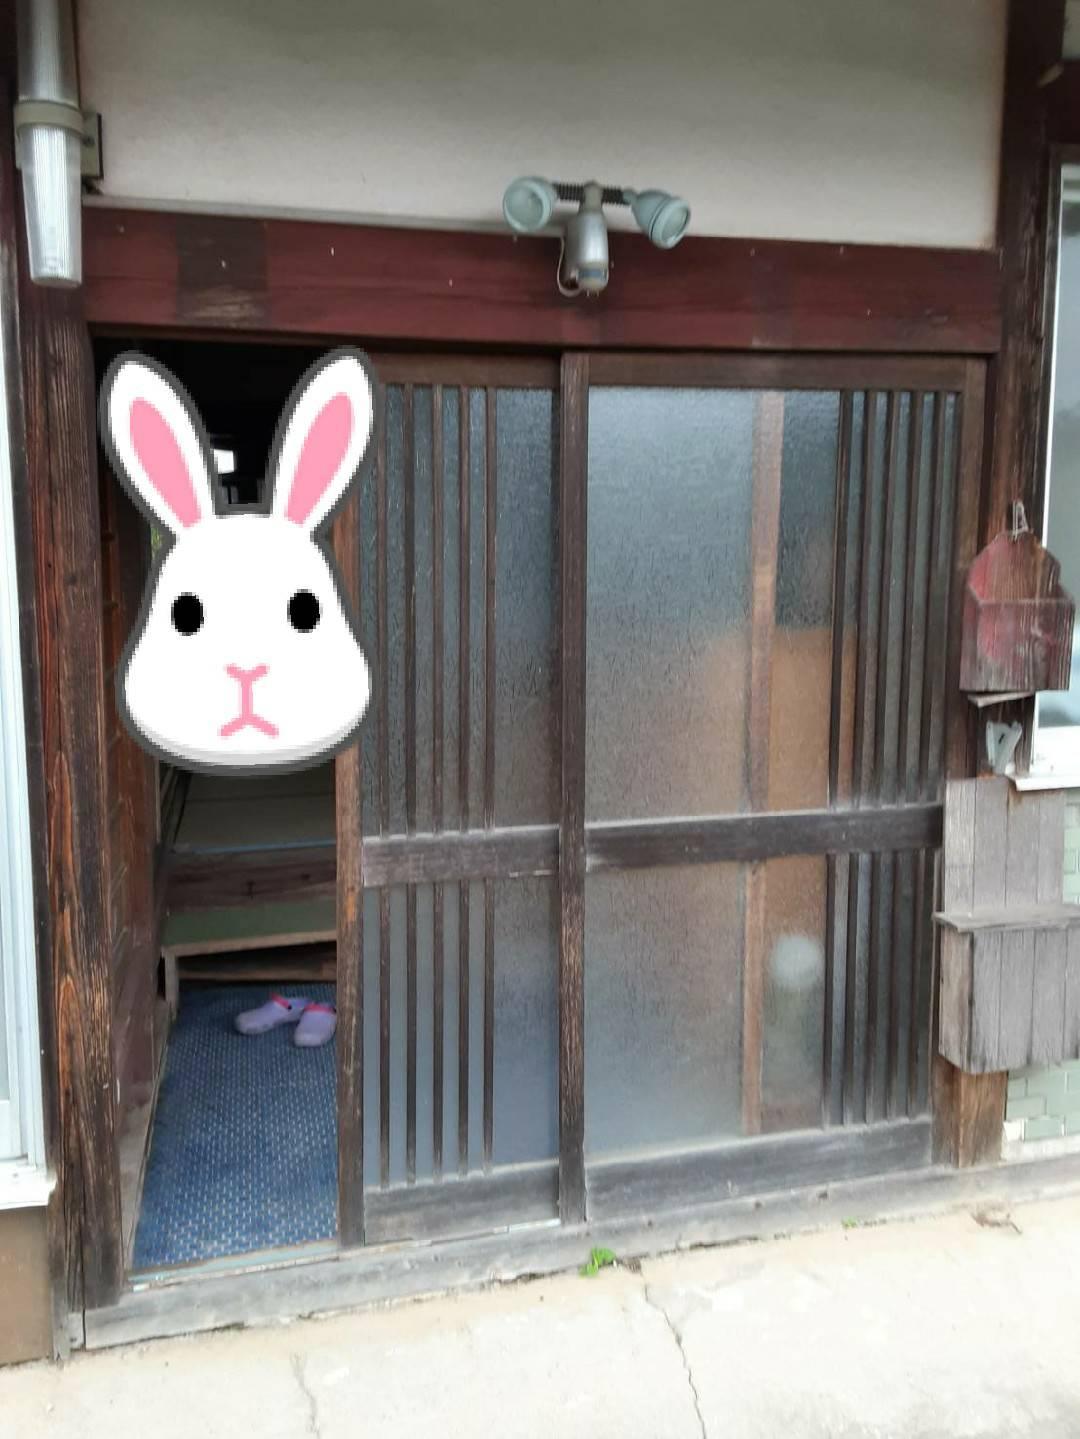 ギャラリーパティオの玄関リフォーム 木製玄関からアルミ玄関への施工前の写真1